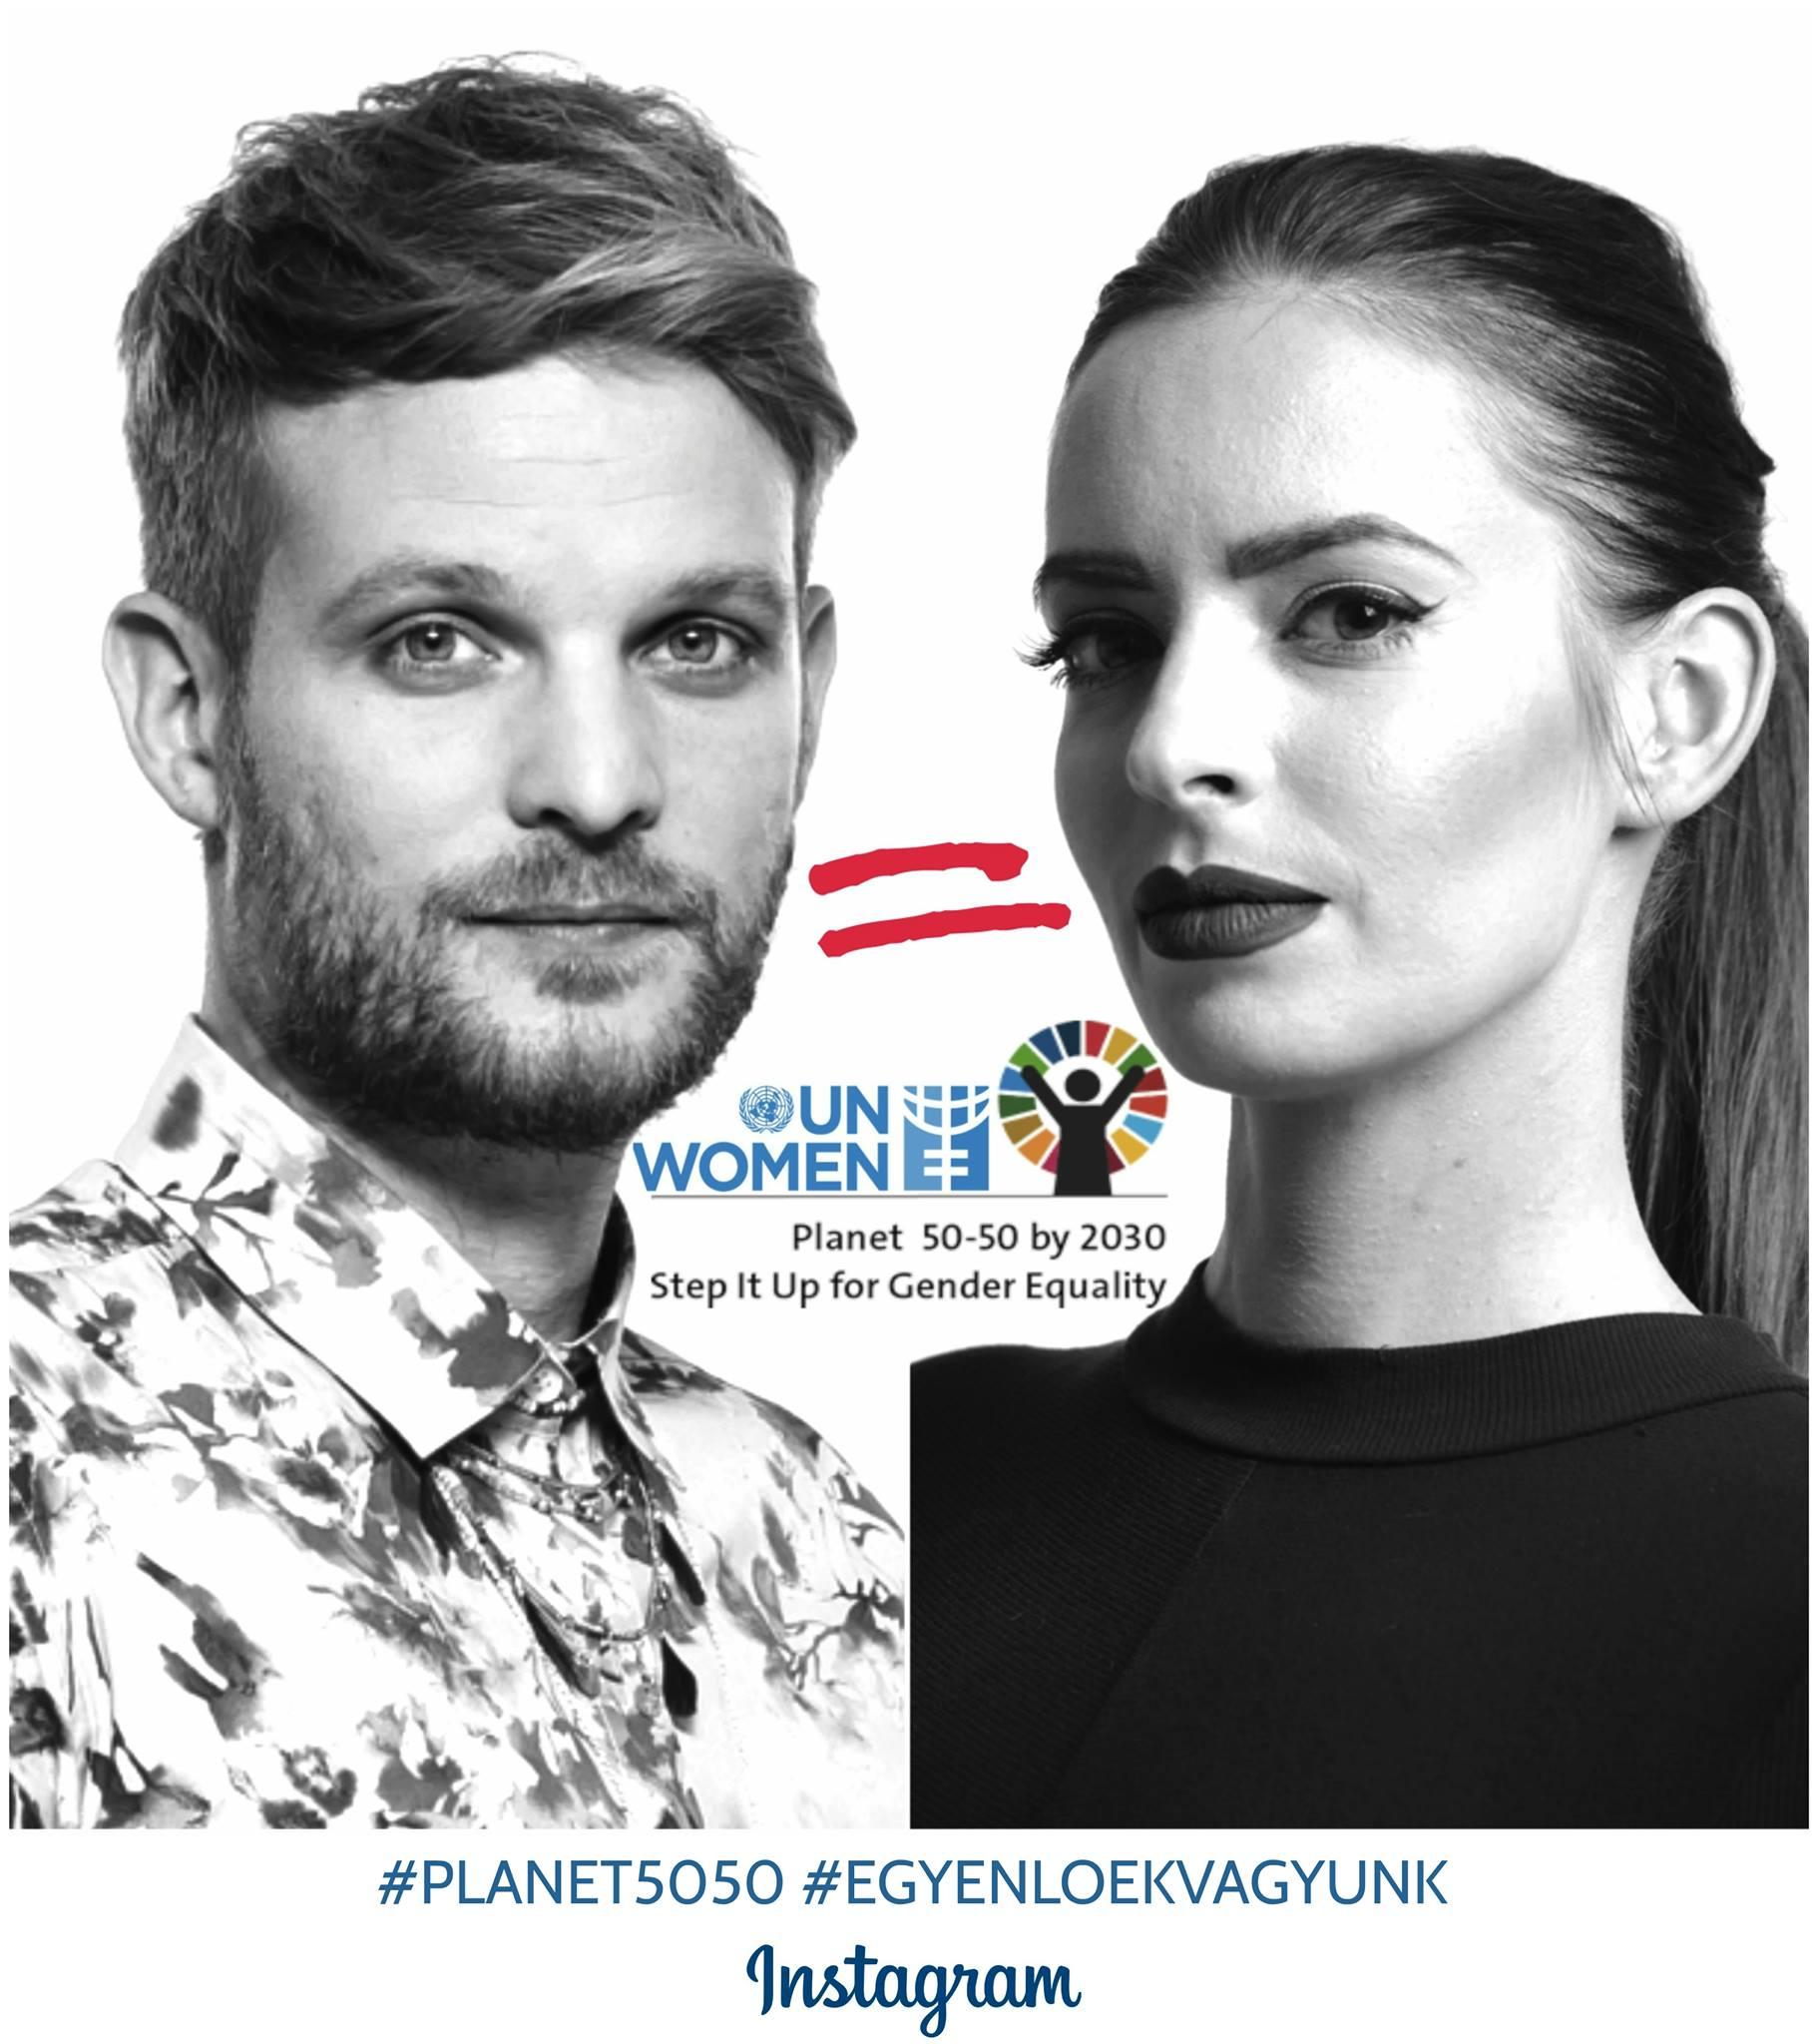 Tandi Flora és Puskás Peti kiáll az egyenlőségért! #értékesötletek